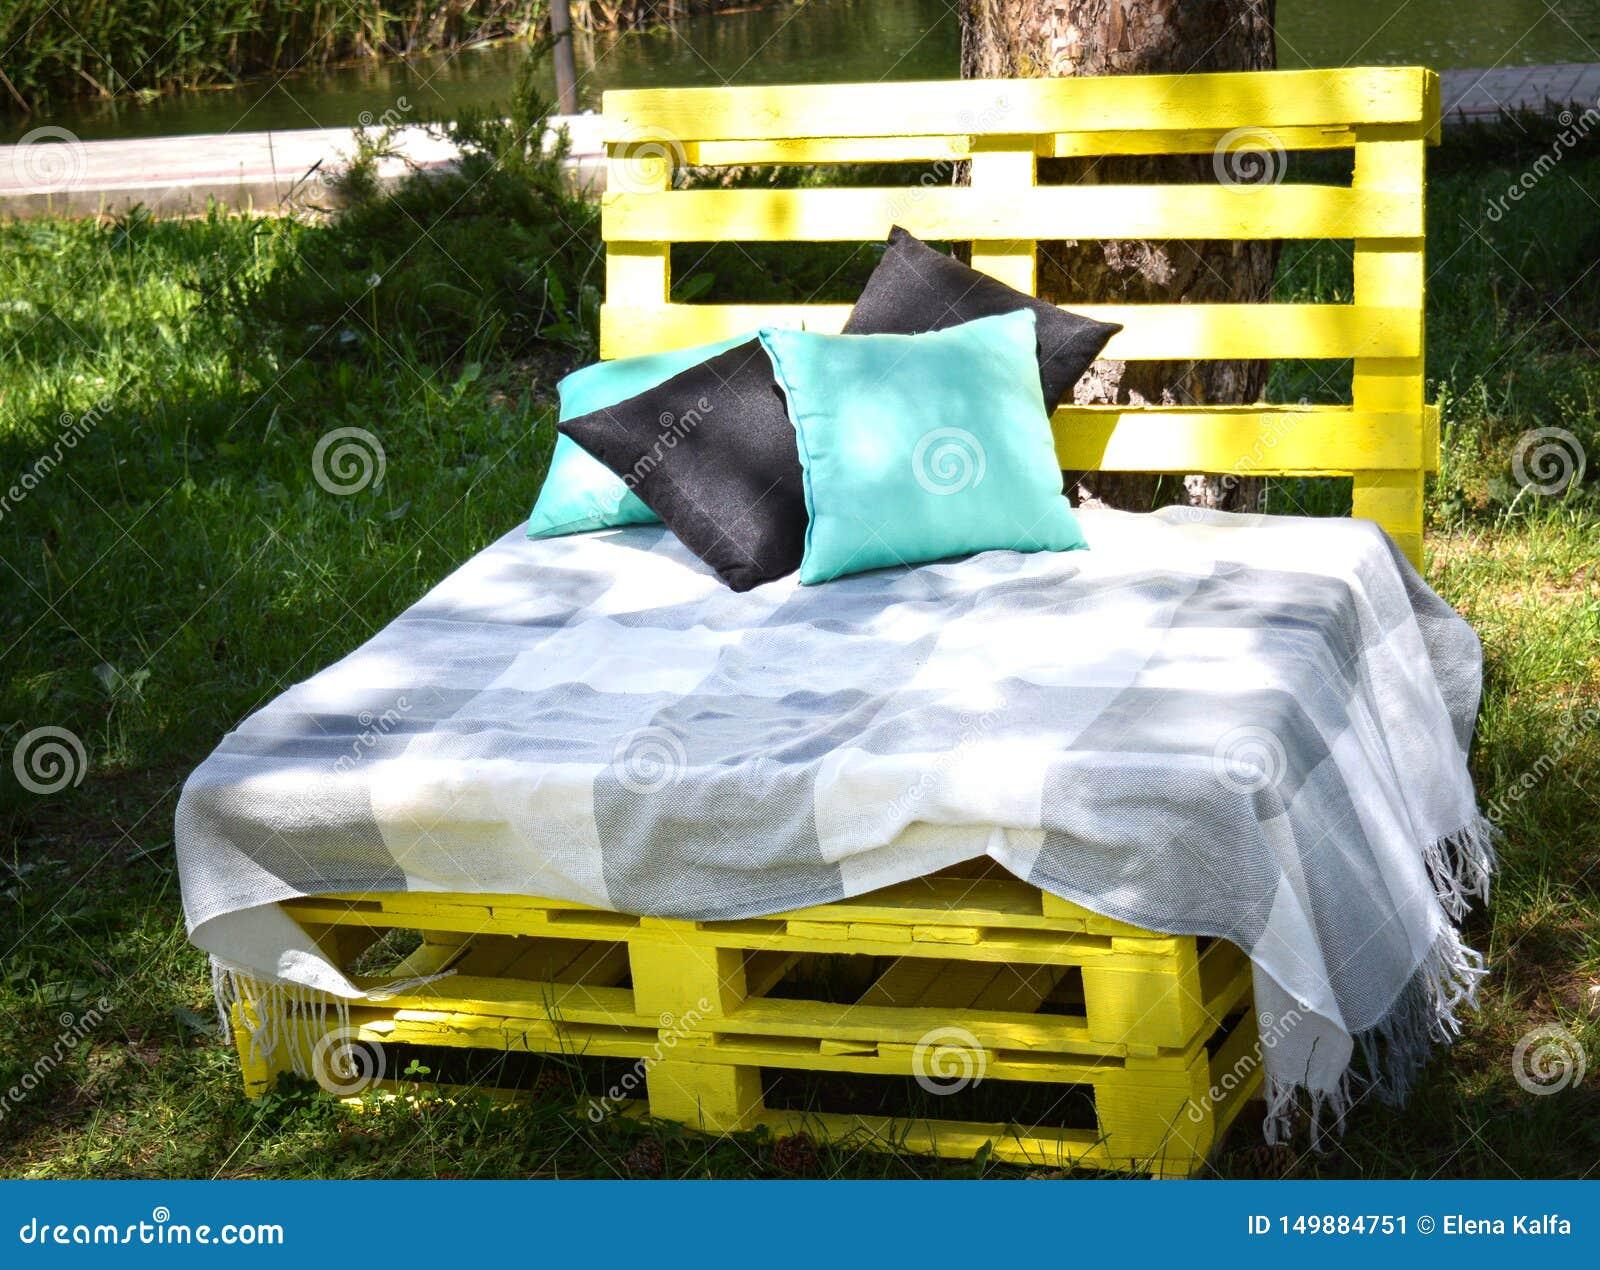 Ξύλινος πάγκος φιαγμένος από κίτρινες παλέτες των περιπτώσεων φορτίου φορτίου για το sittin με τα μαξιλάρια και το καρό στο πάρκο